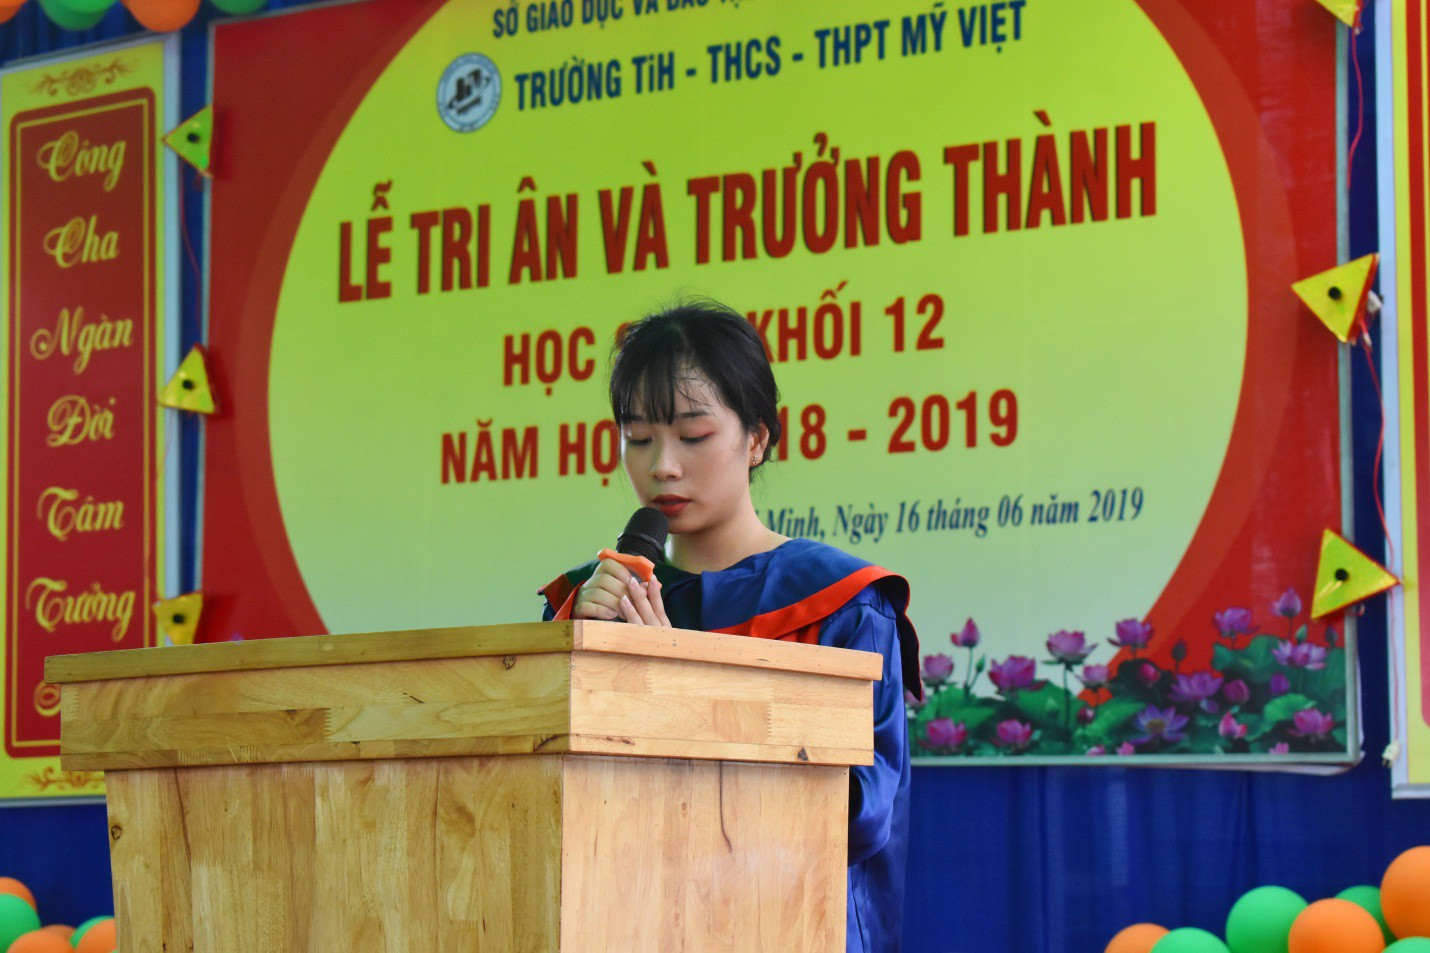 Nước mắt xen lẫn niềm vui trong lễ tri ân và trưởng thành của teen Mỹ Việt - Ảnh 3.